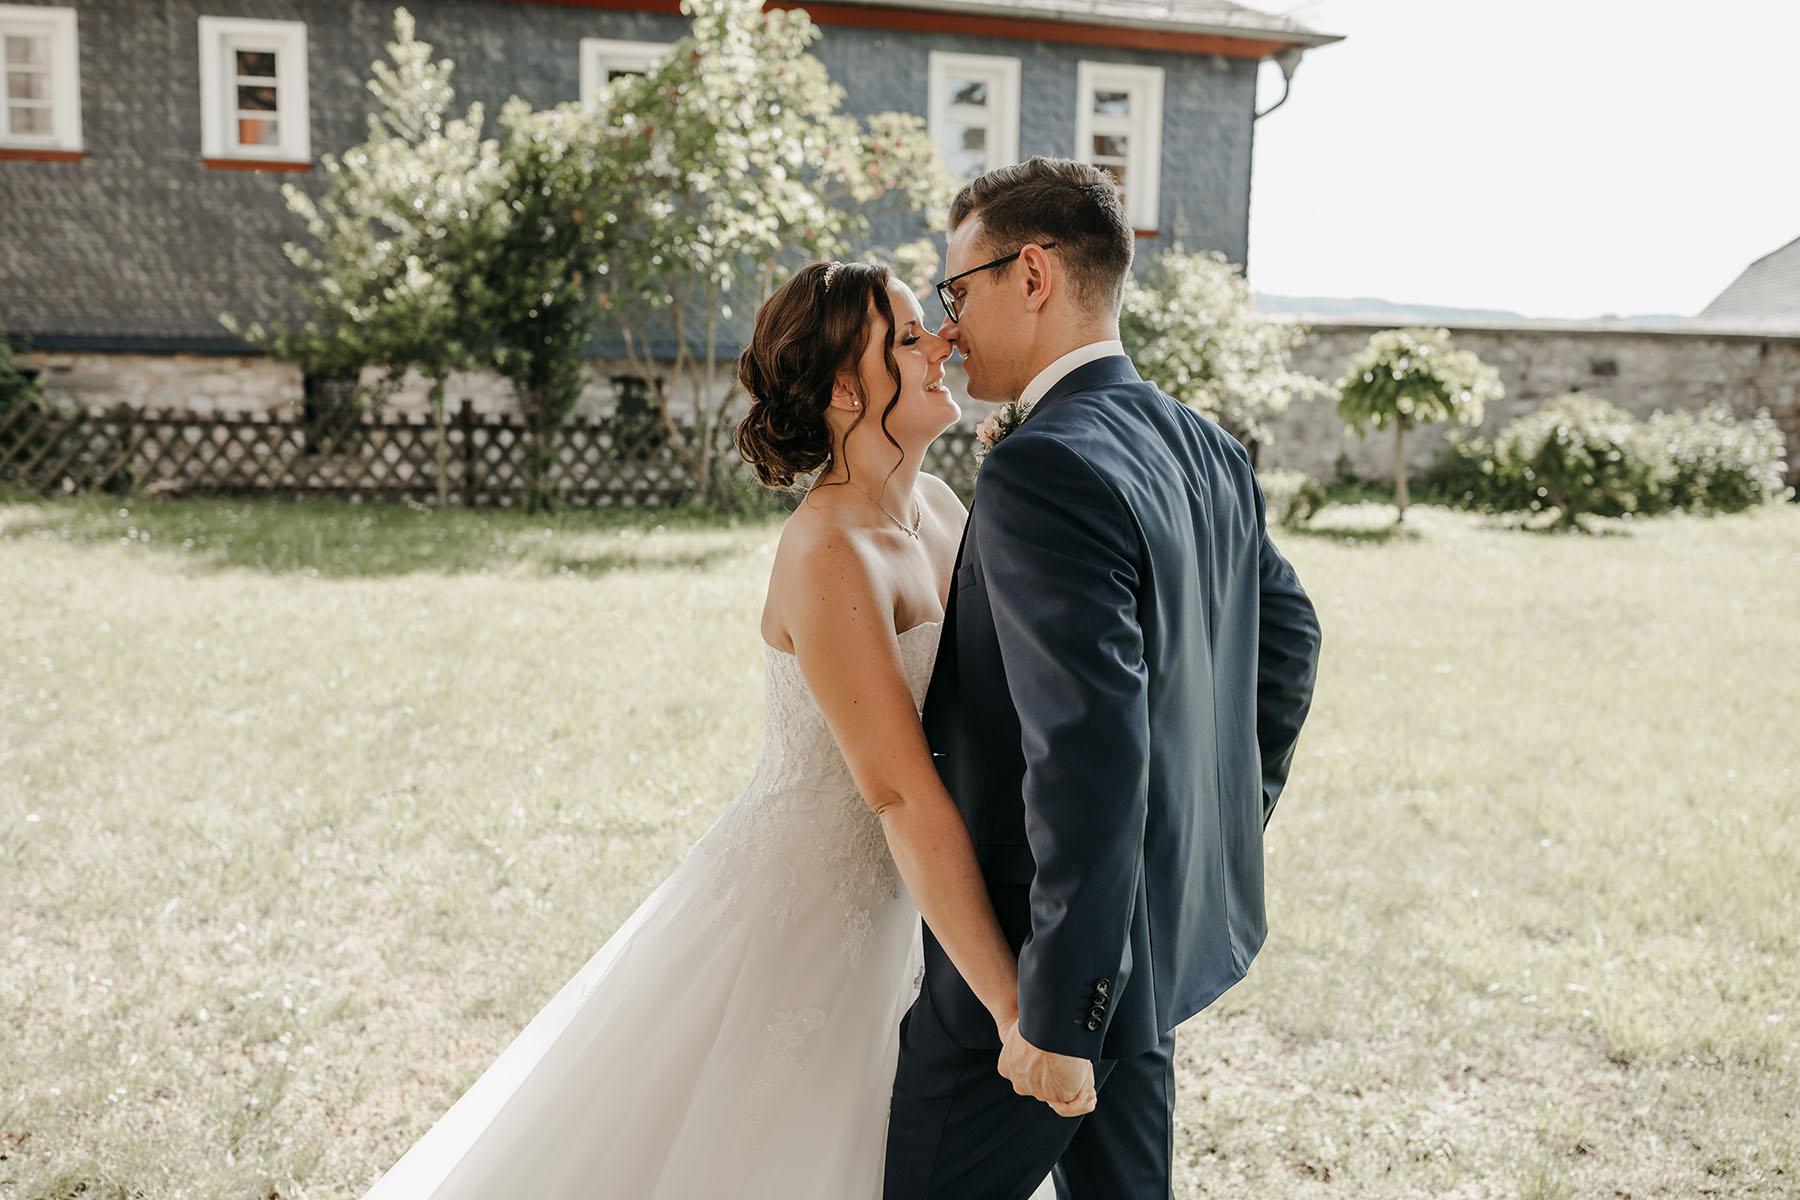 Hochzeitsfoto Kuss im Park